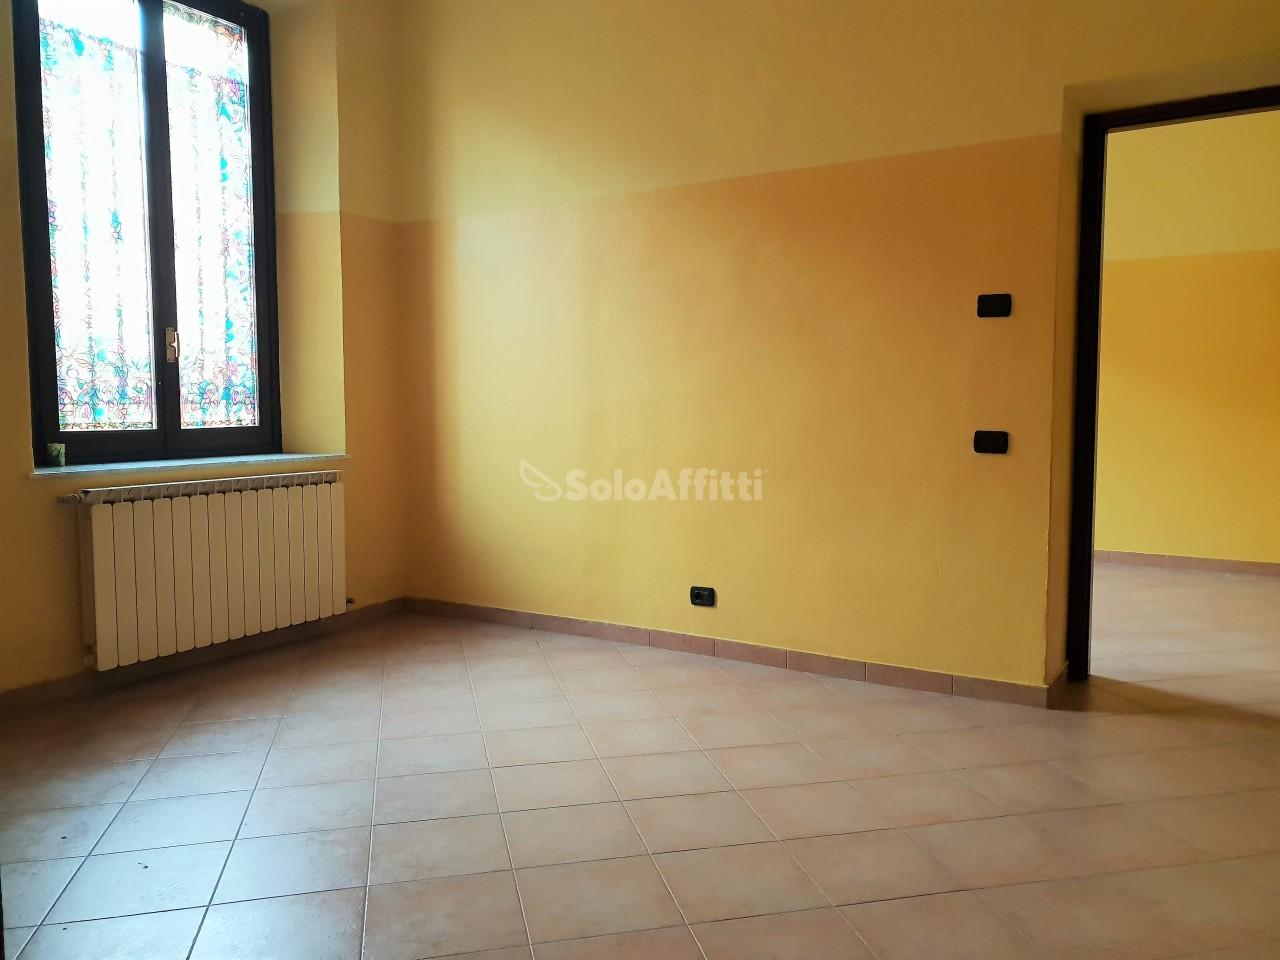 Ufficio / Studio in affitto a San Vittore Olona, 2 locali, prezzo € 530 | PortaleAgenzieImmobiliari.it